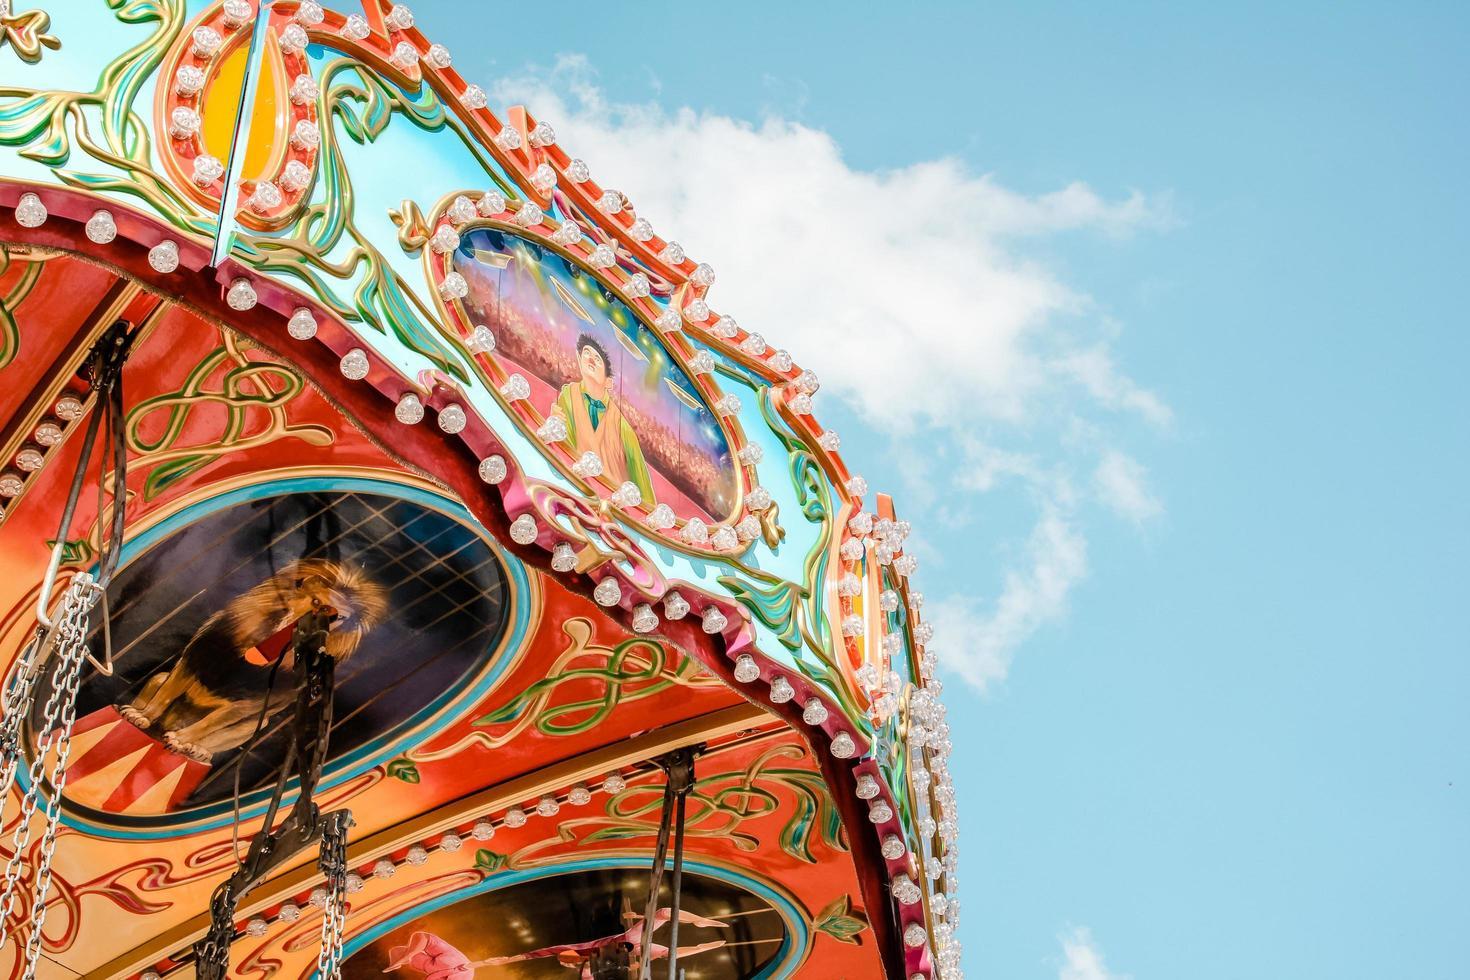 Paseo de diversión colorido contra el cielo azul foto